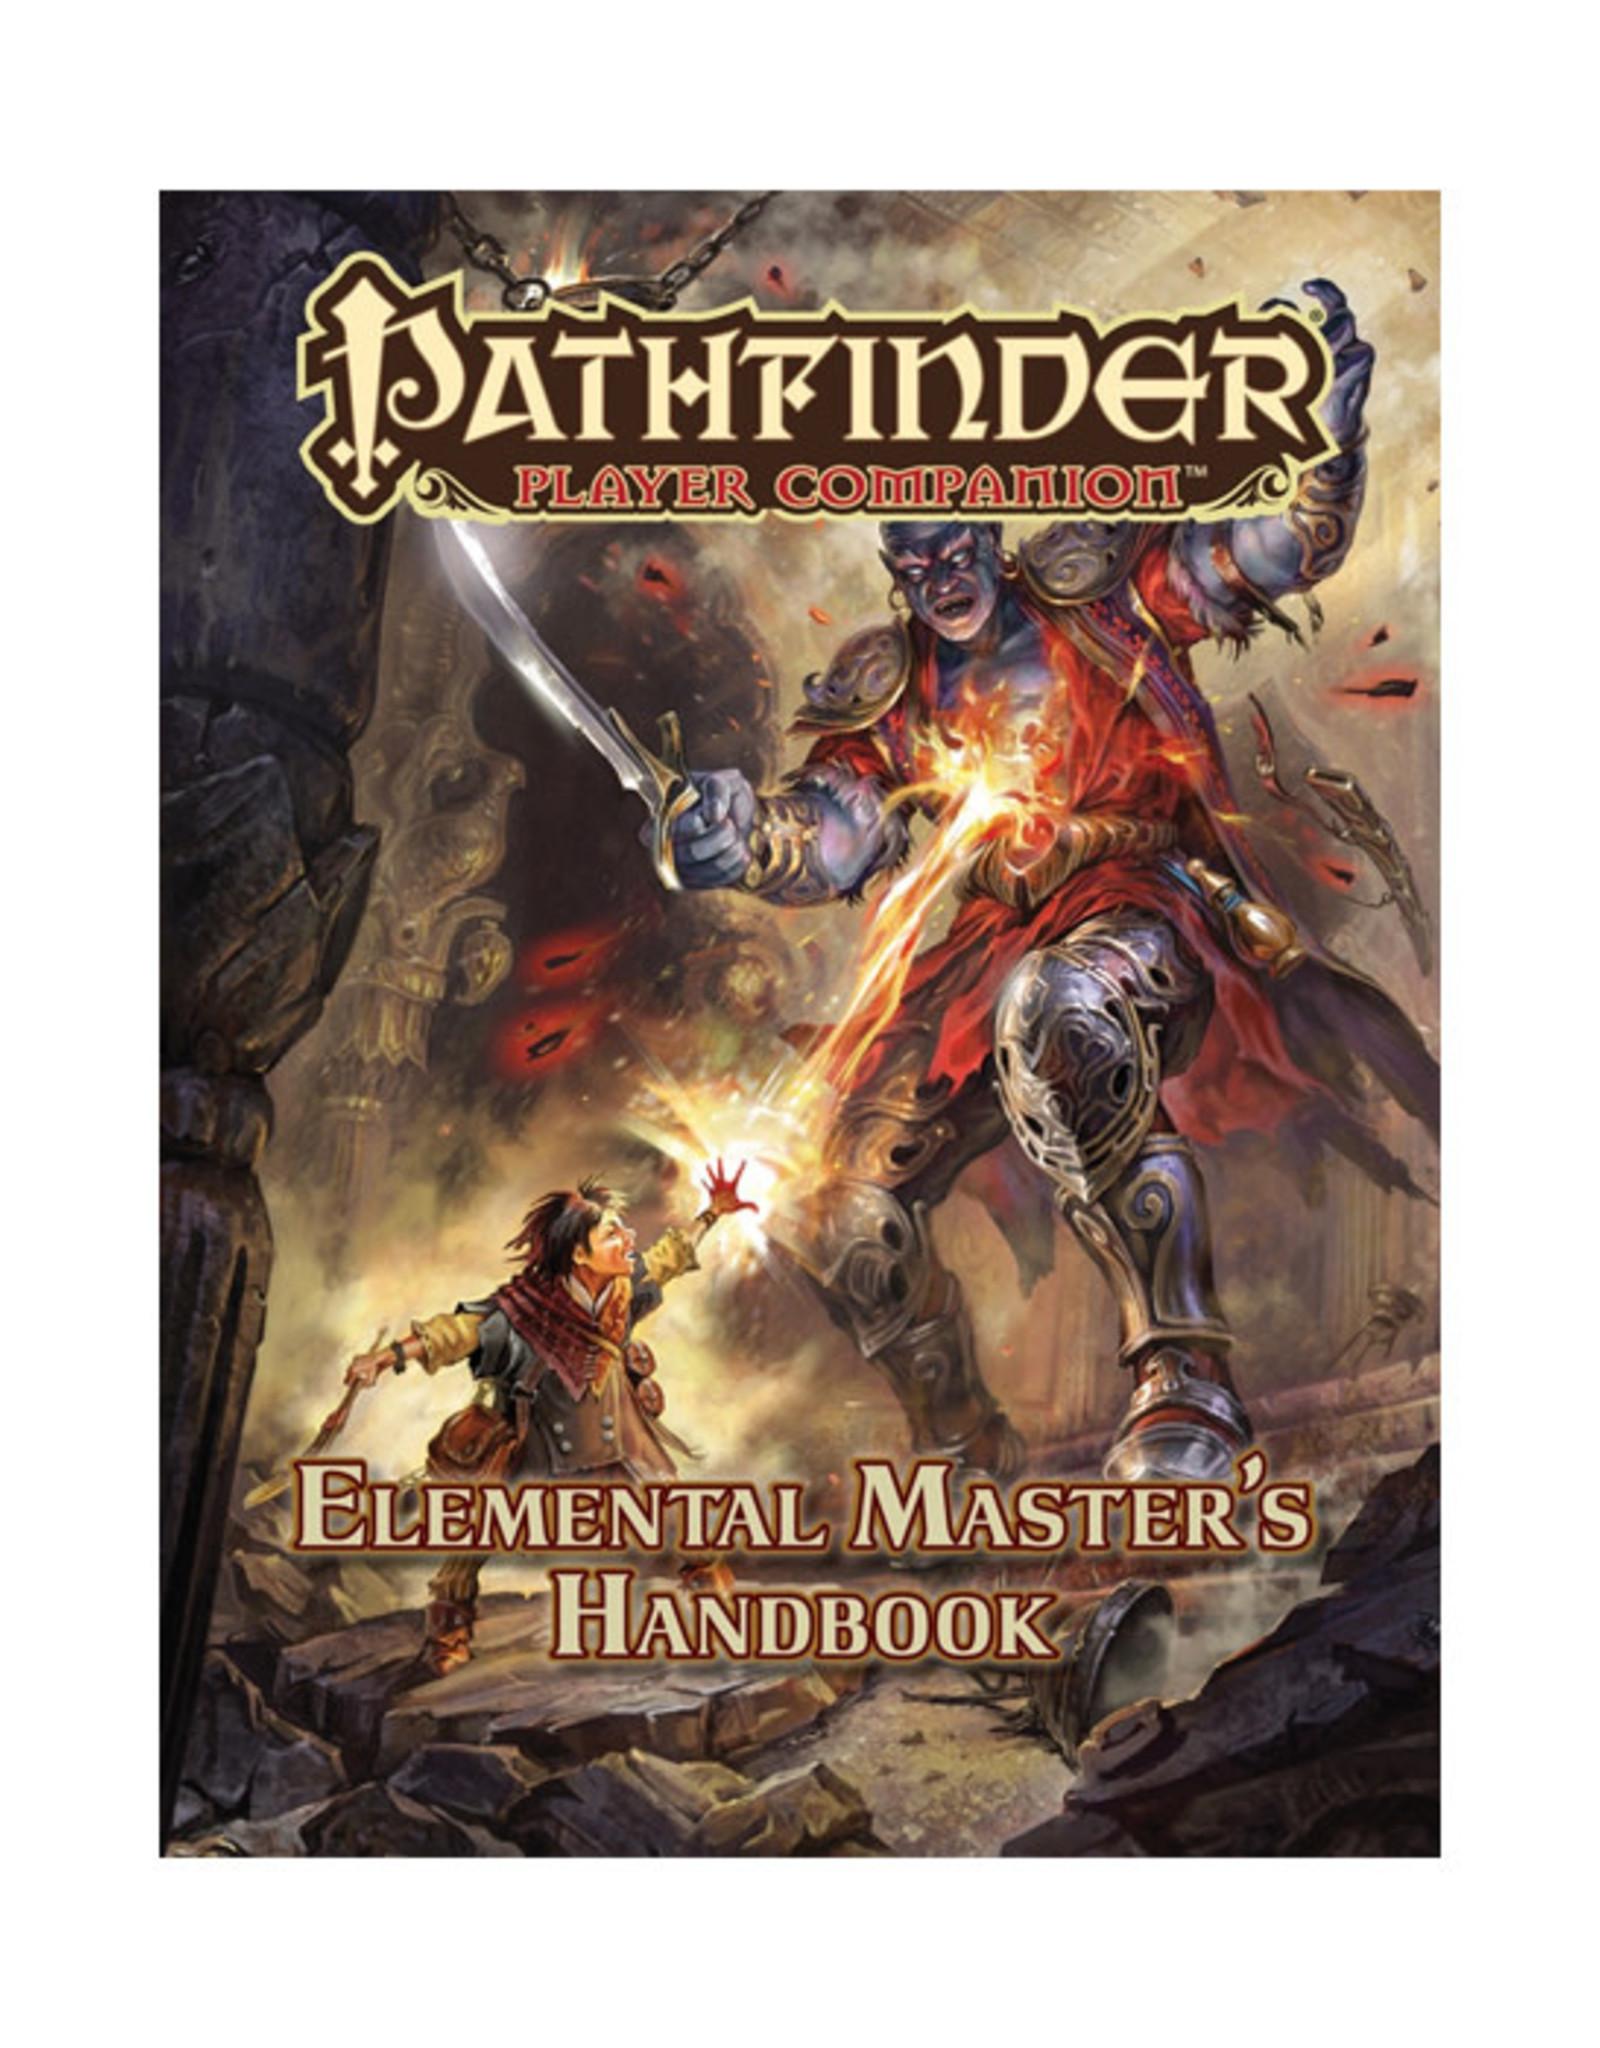 Pathfinder Pathfinder: Player Companion - Elemental Master's Handbook